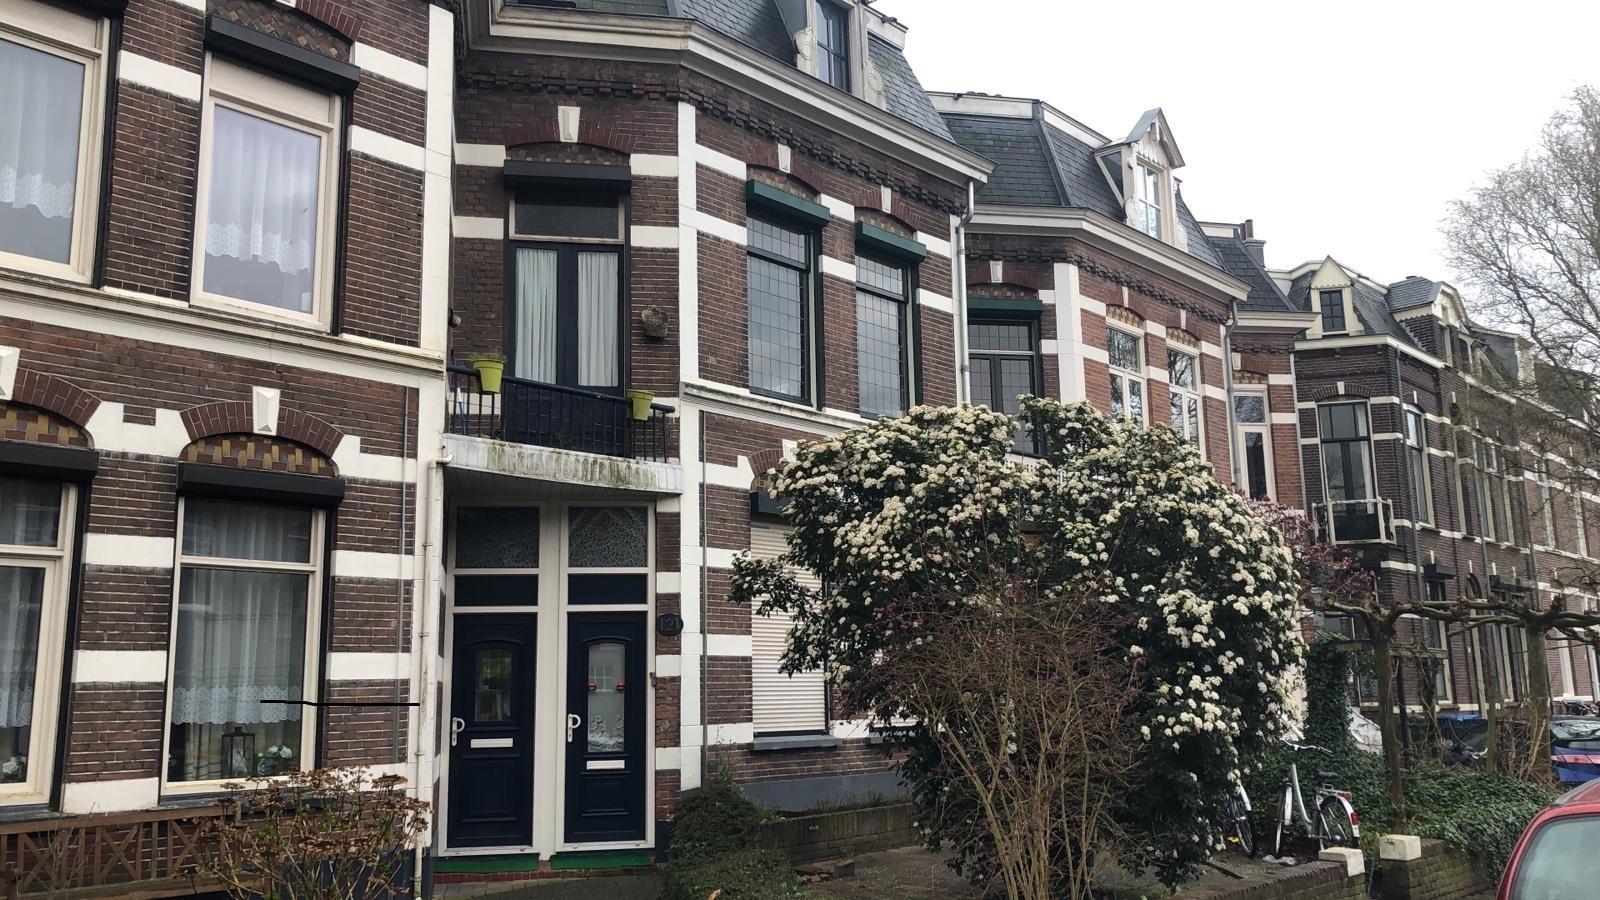 Tweede leven pand Voorstadslaan Nijmegen aanstaande door renovatie naar twee moderne woningen